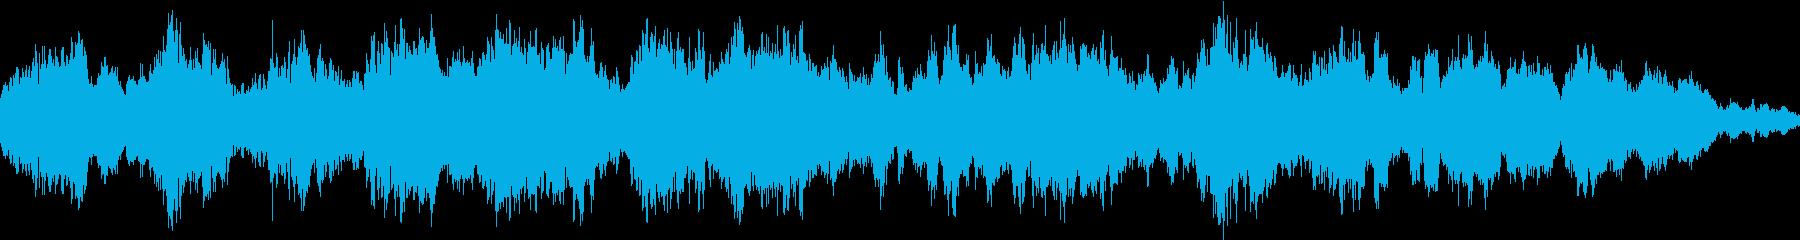 環境音(ちょっと暗め)の再生済みの波形